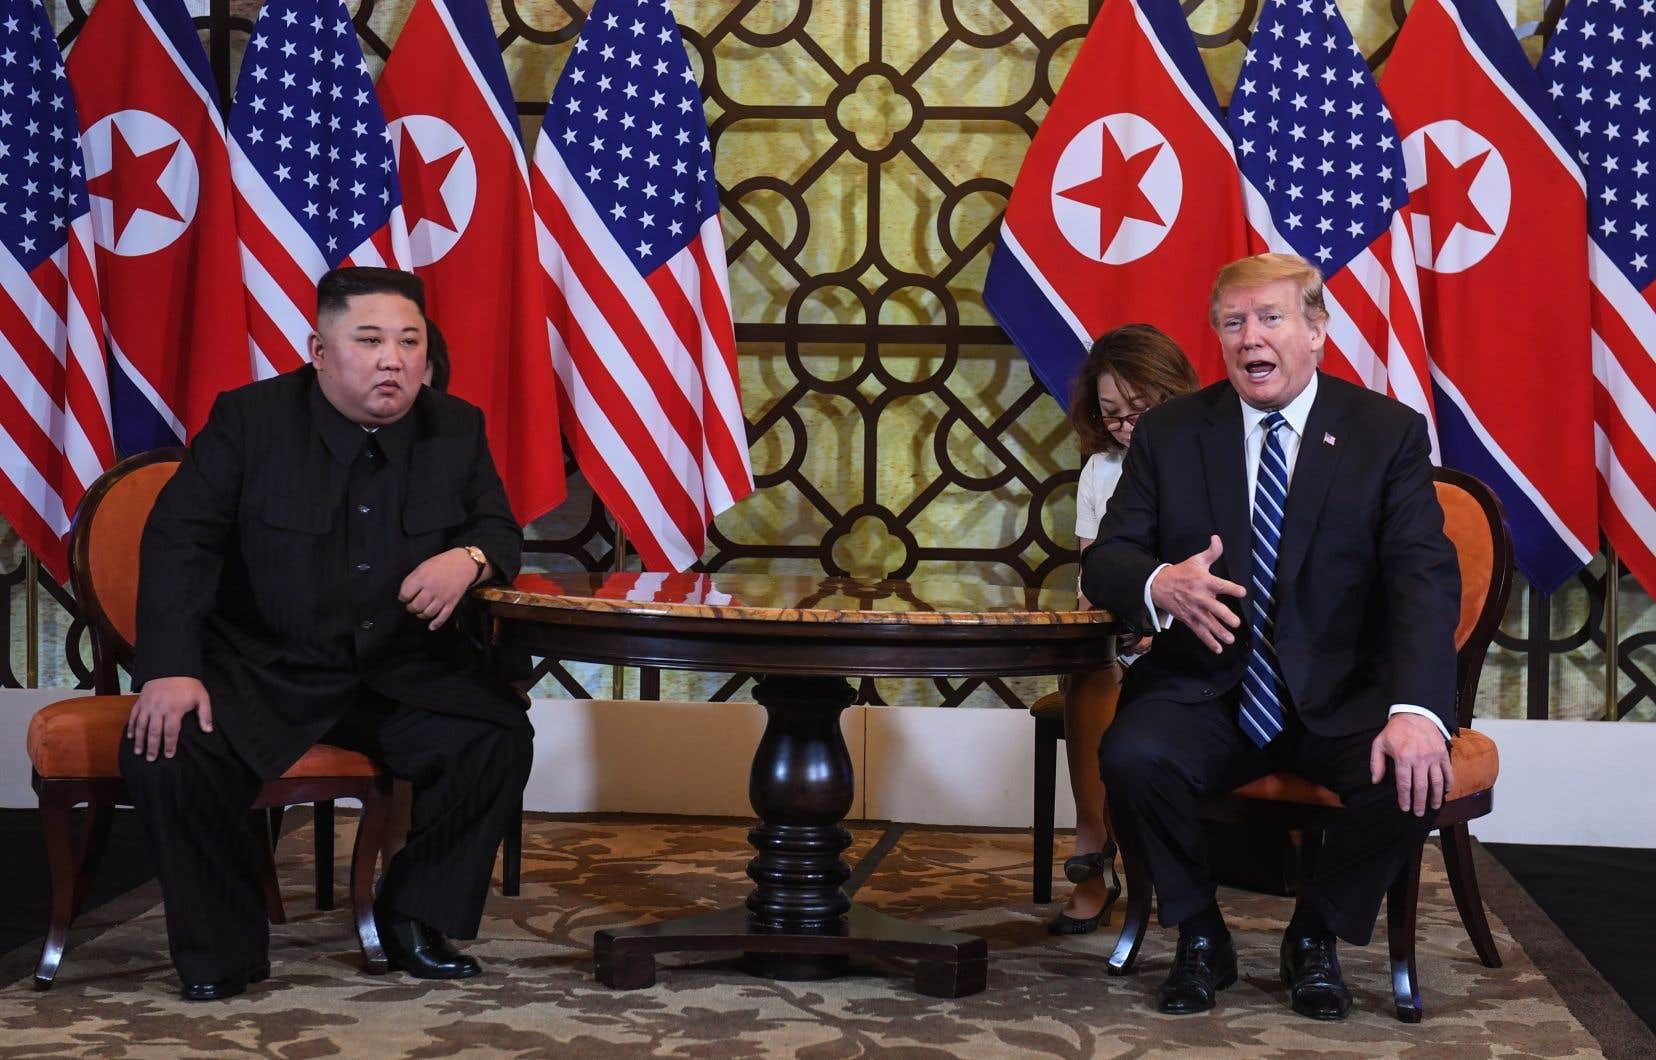 Le dirigeant nord-coréen, Kim Jong-un, et le président américain, Donald Trump